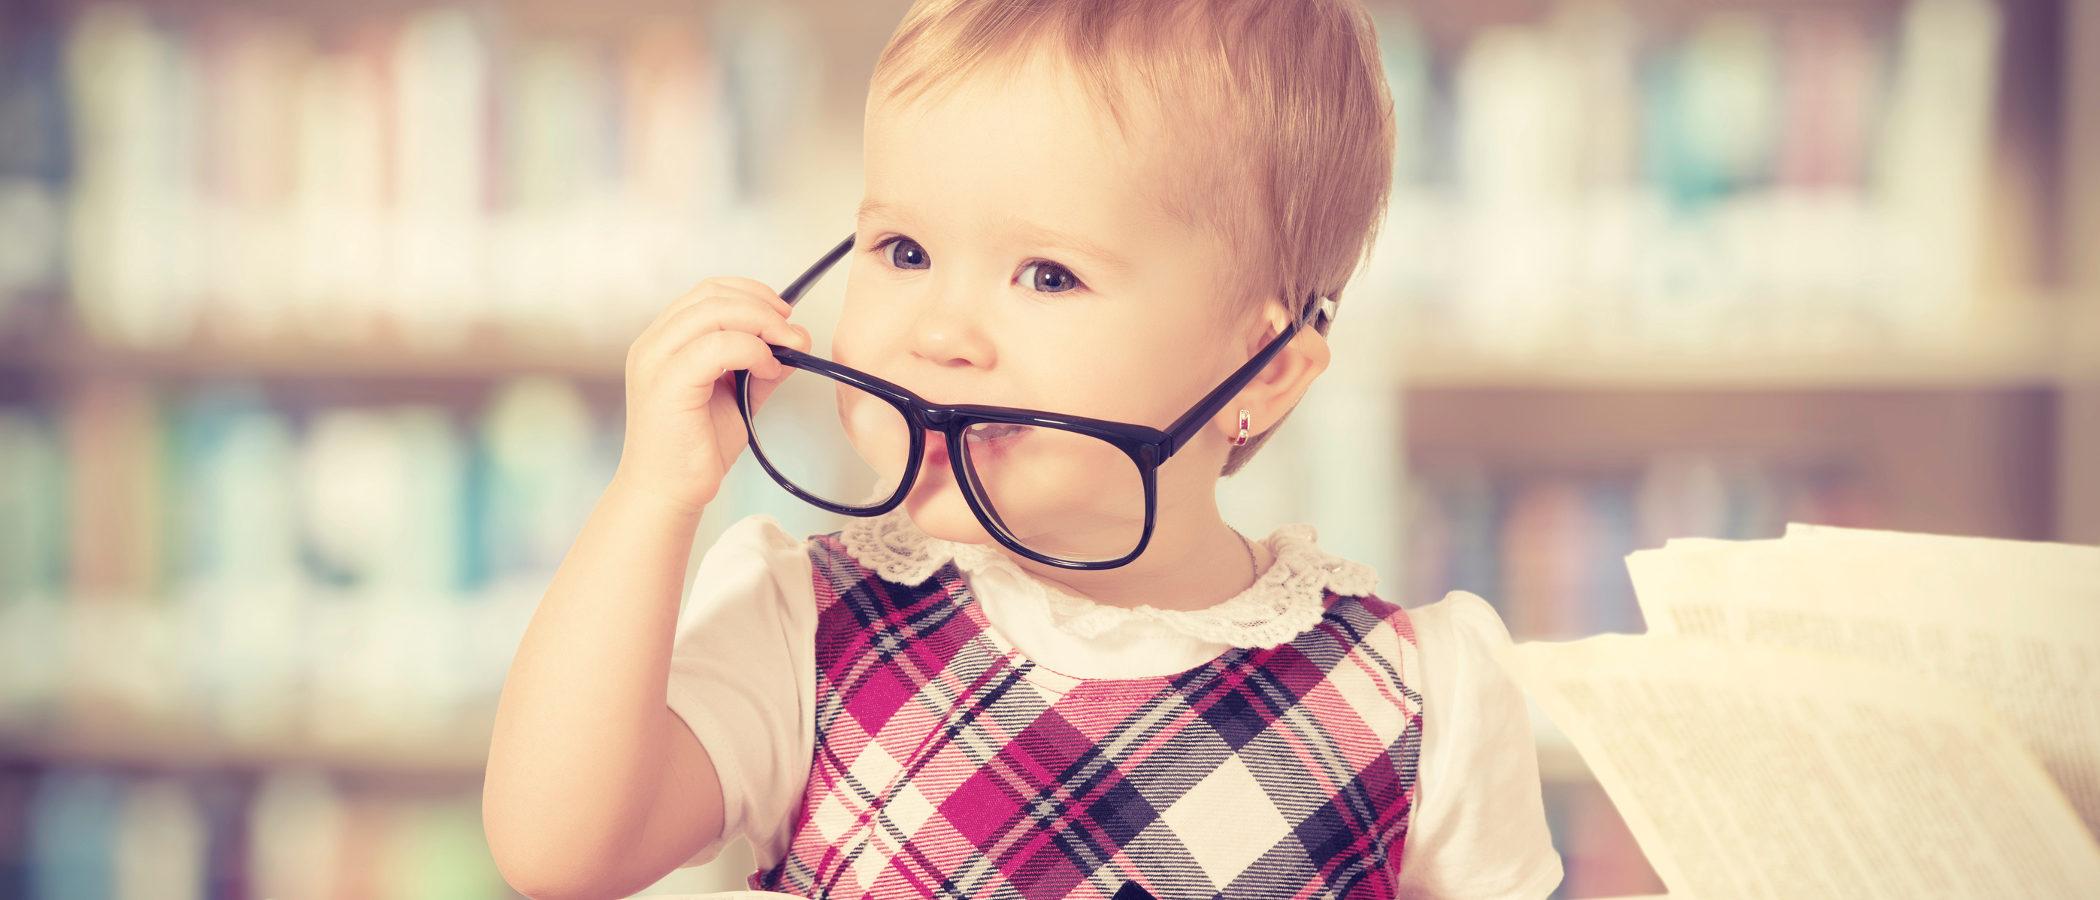 8 consejos para potenciar la inteligencia en bebés